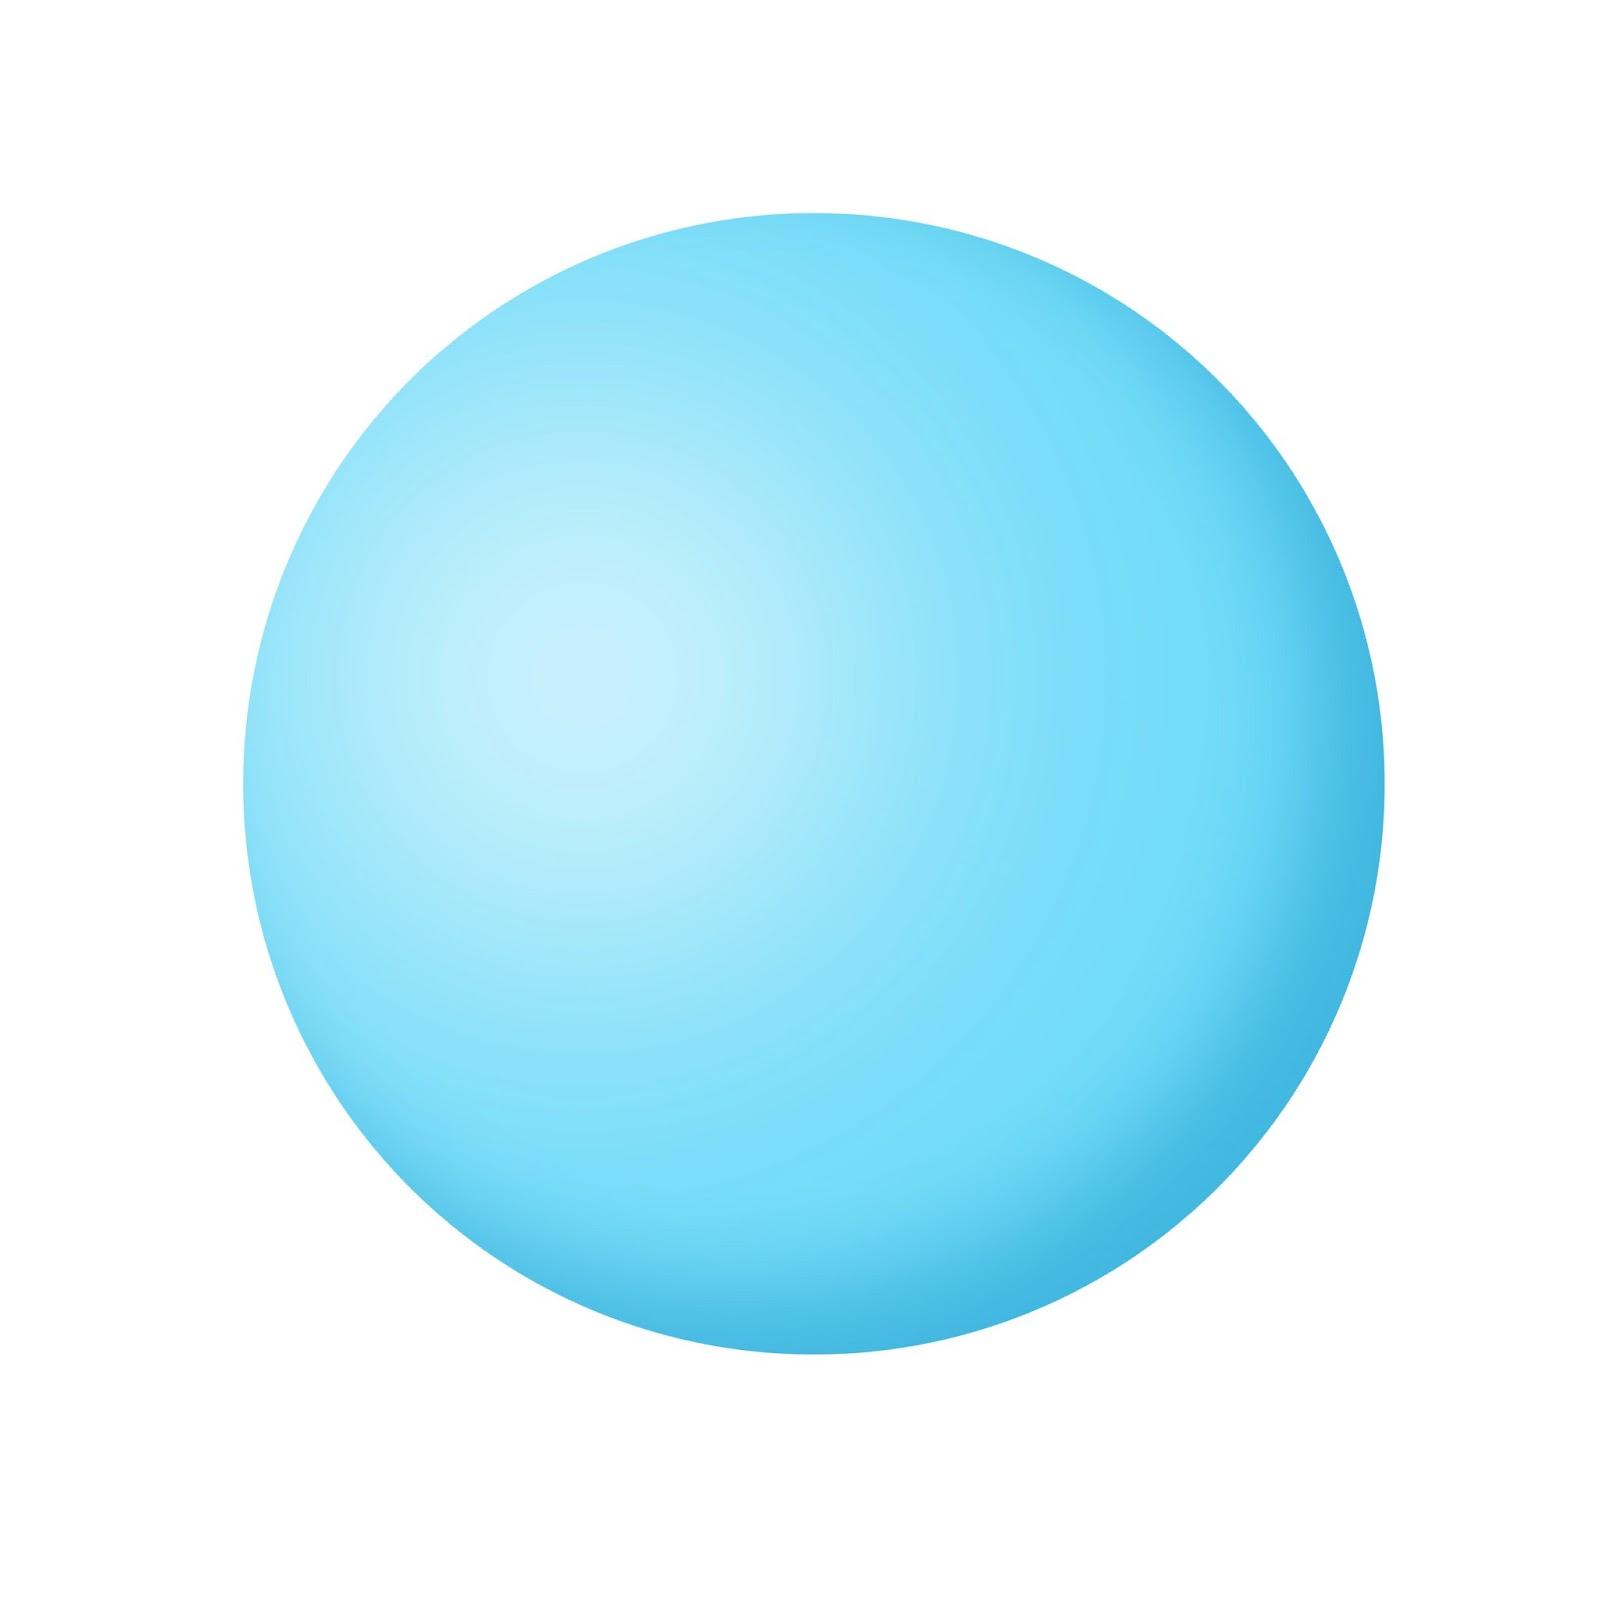 1600x1600 Bubble Clip Art Free Clipart Images 2